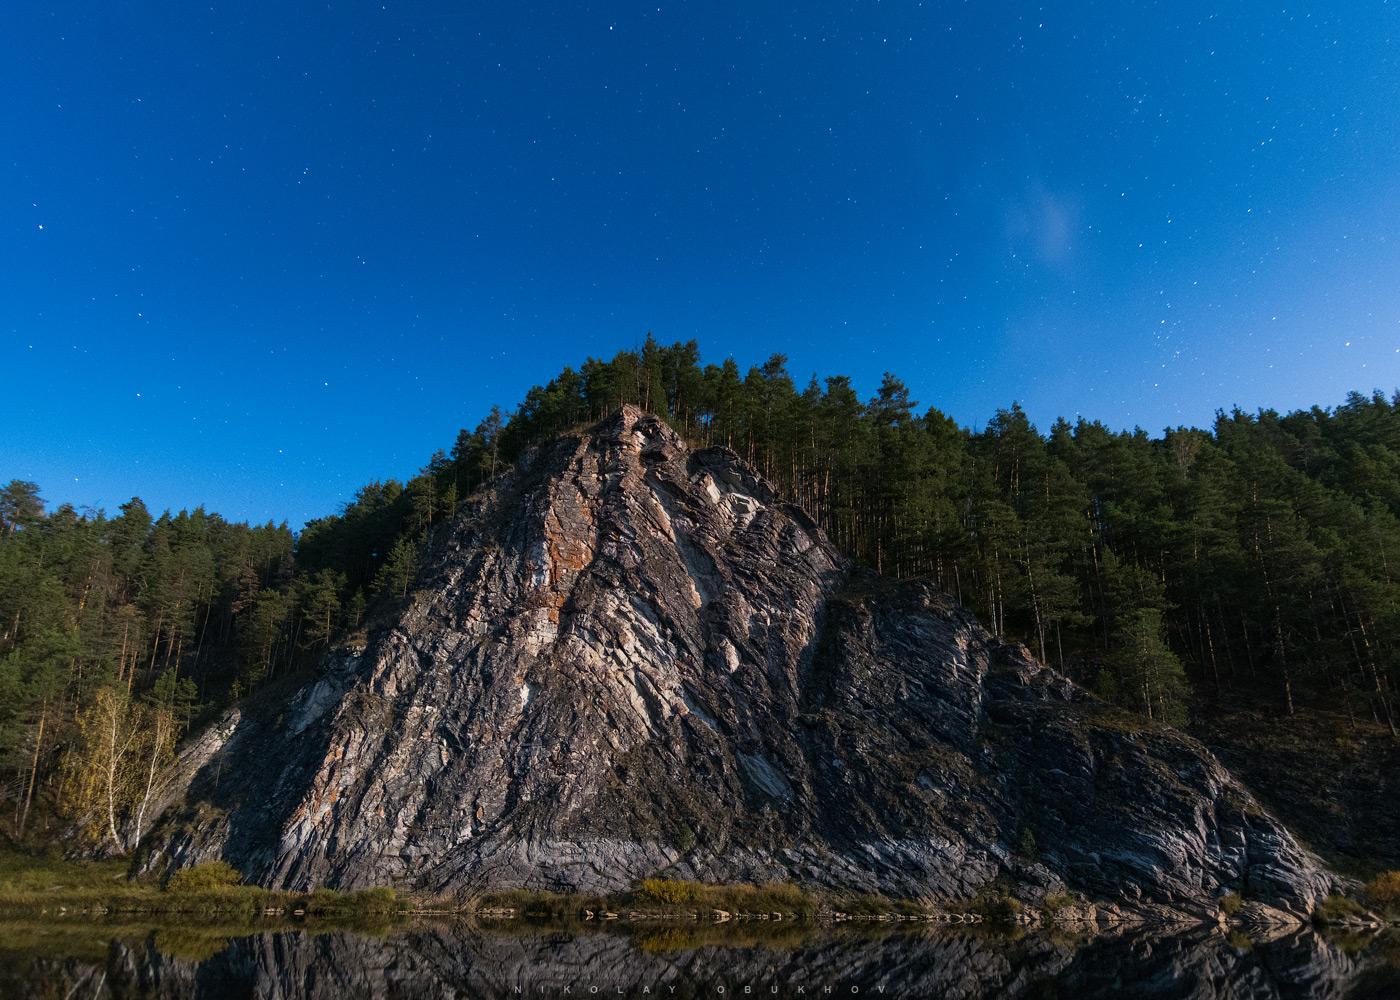 Фотография 5. Пример съемки ночного пейзажа в полнолуние. Камера Никон Д7100 с объективом Токина 11-16/2.8. 11 mm, ISO 2500, f/2.8, 20 s, 1 кадр.